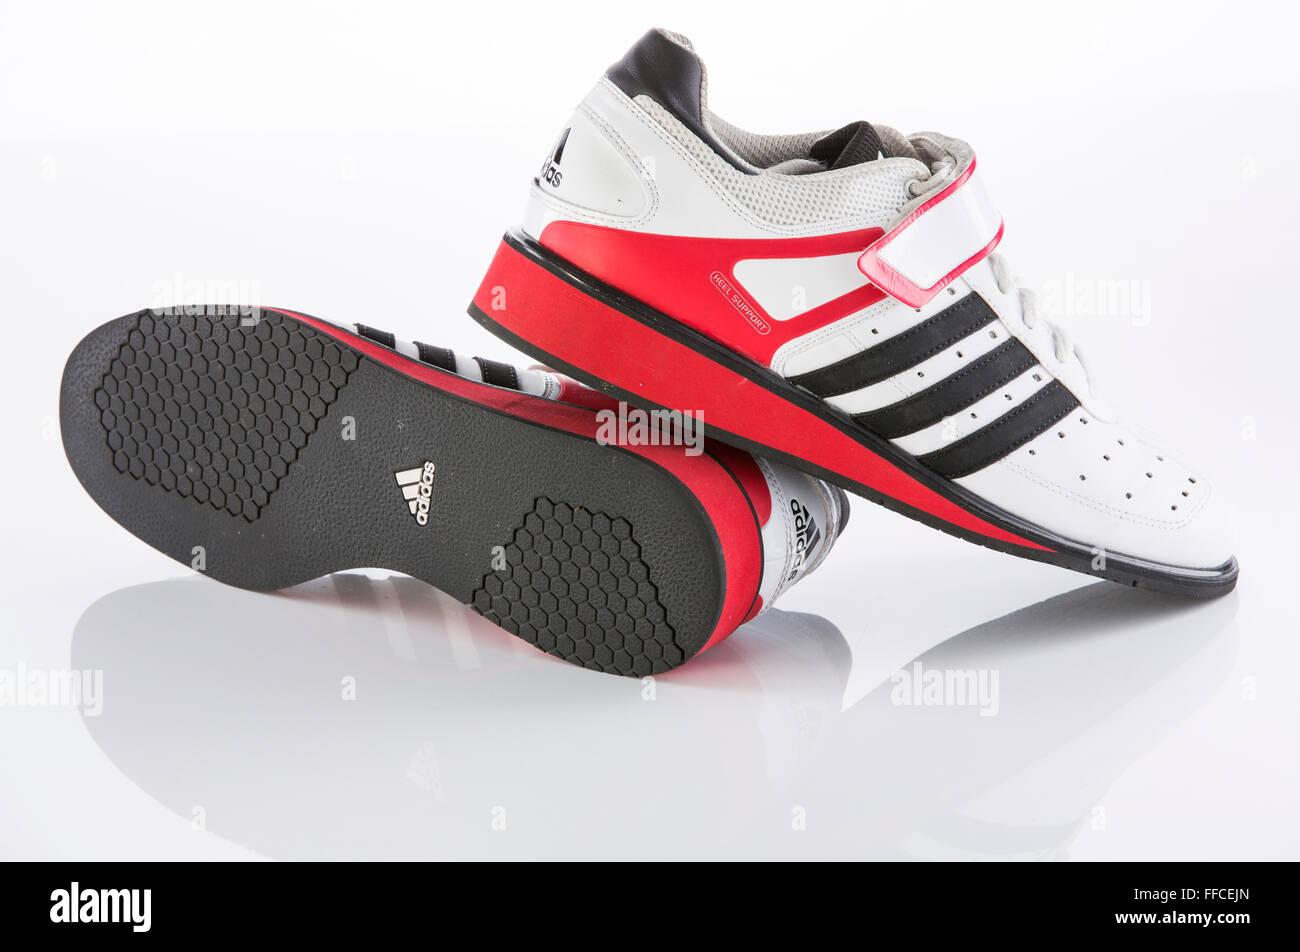 87537ba7d4add Travbeast Adidas Olympiske Olympiske Adidas Vektløftesko qY4Y8g1R